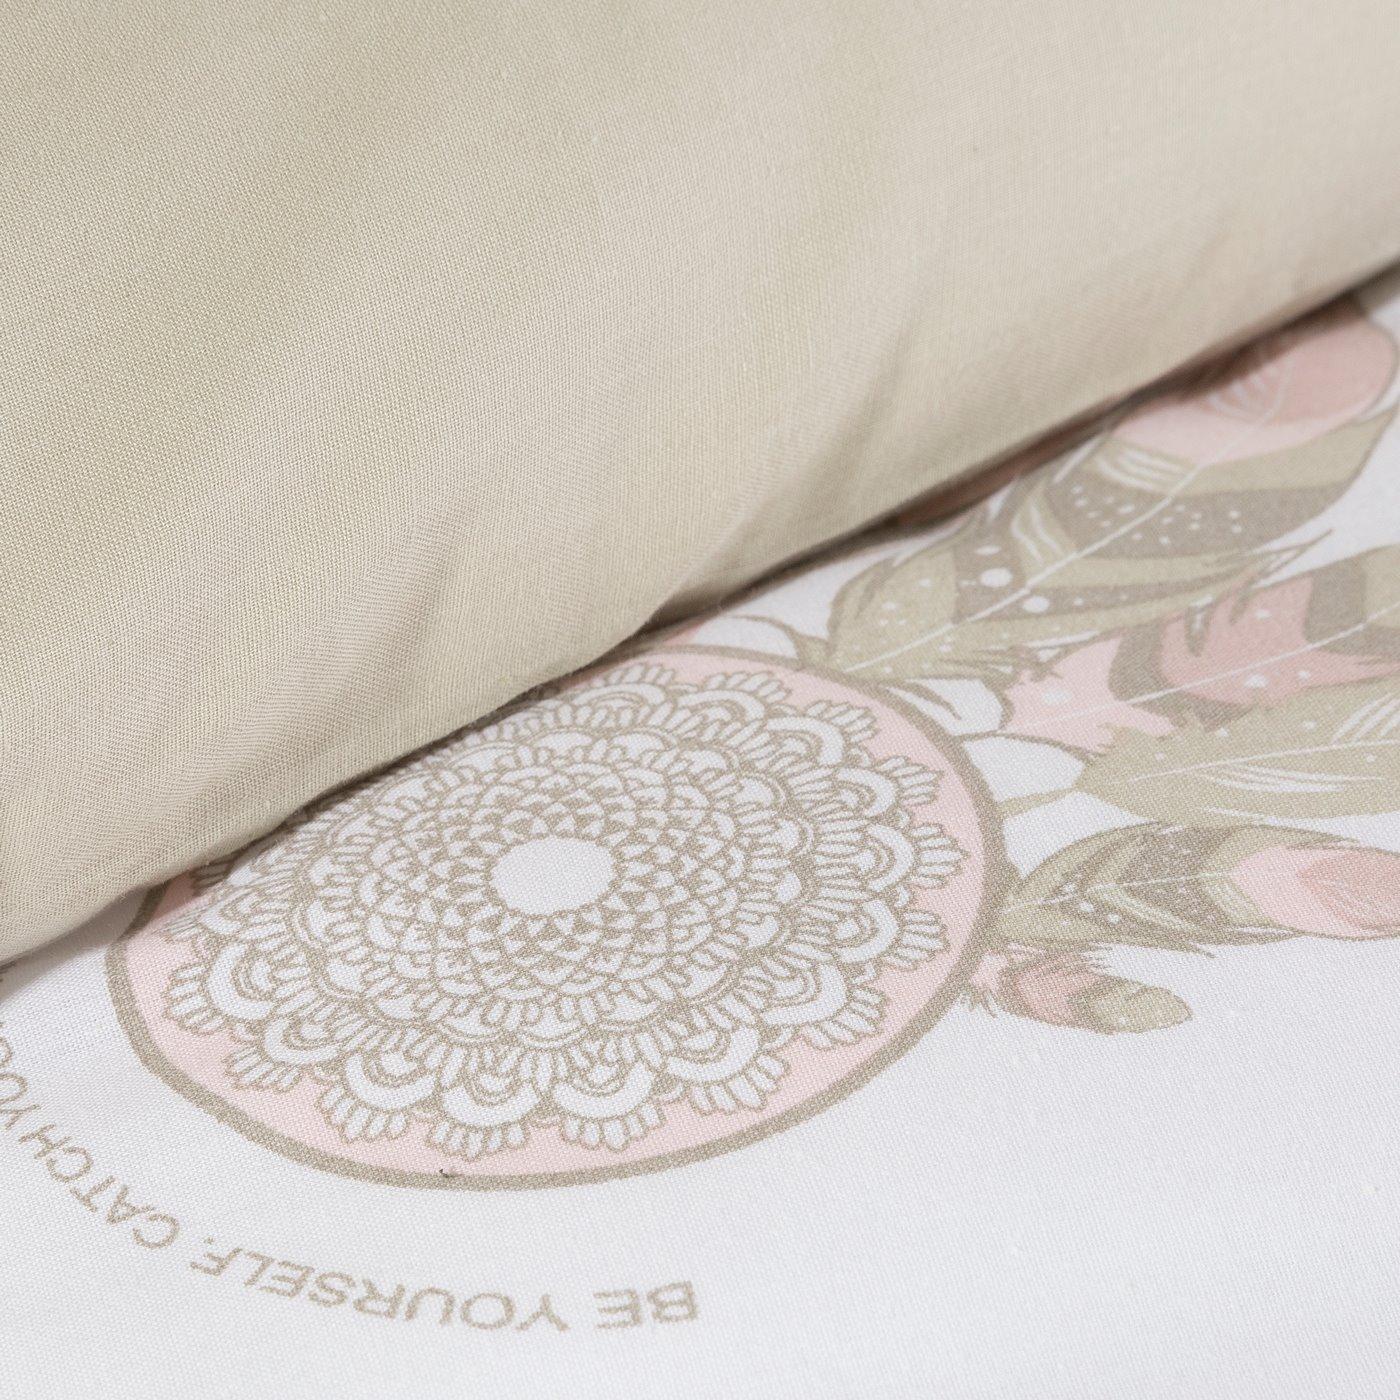 Komplet pościeli z bawełny 160x200 cm, 2 szt. 70x80 cm nadruk łapacz snów